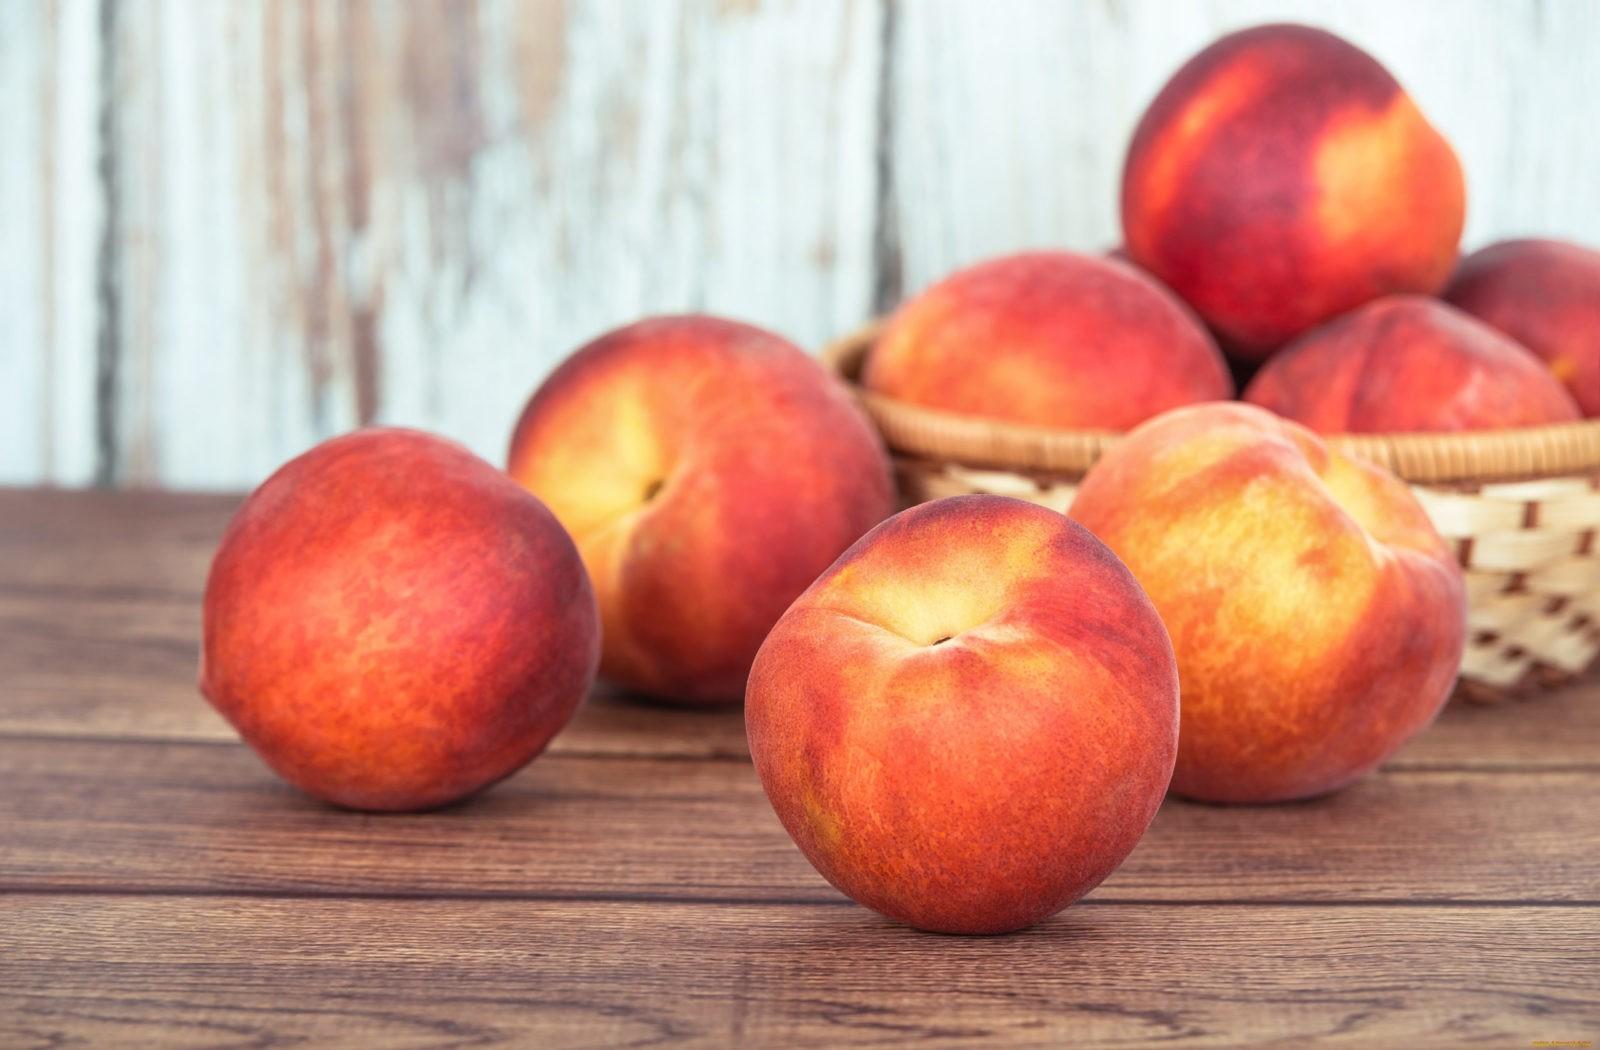 Персик - обладает приятным вкусом и нежным запахом